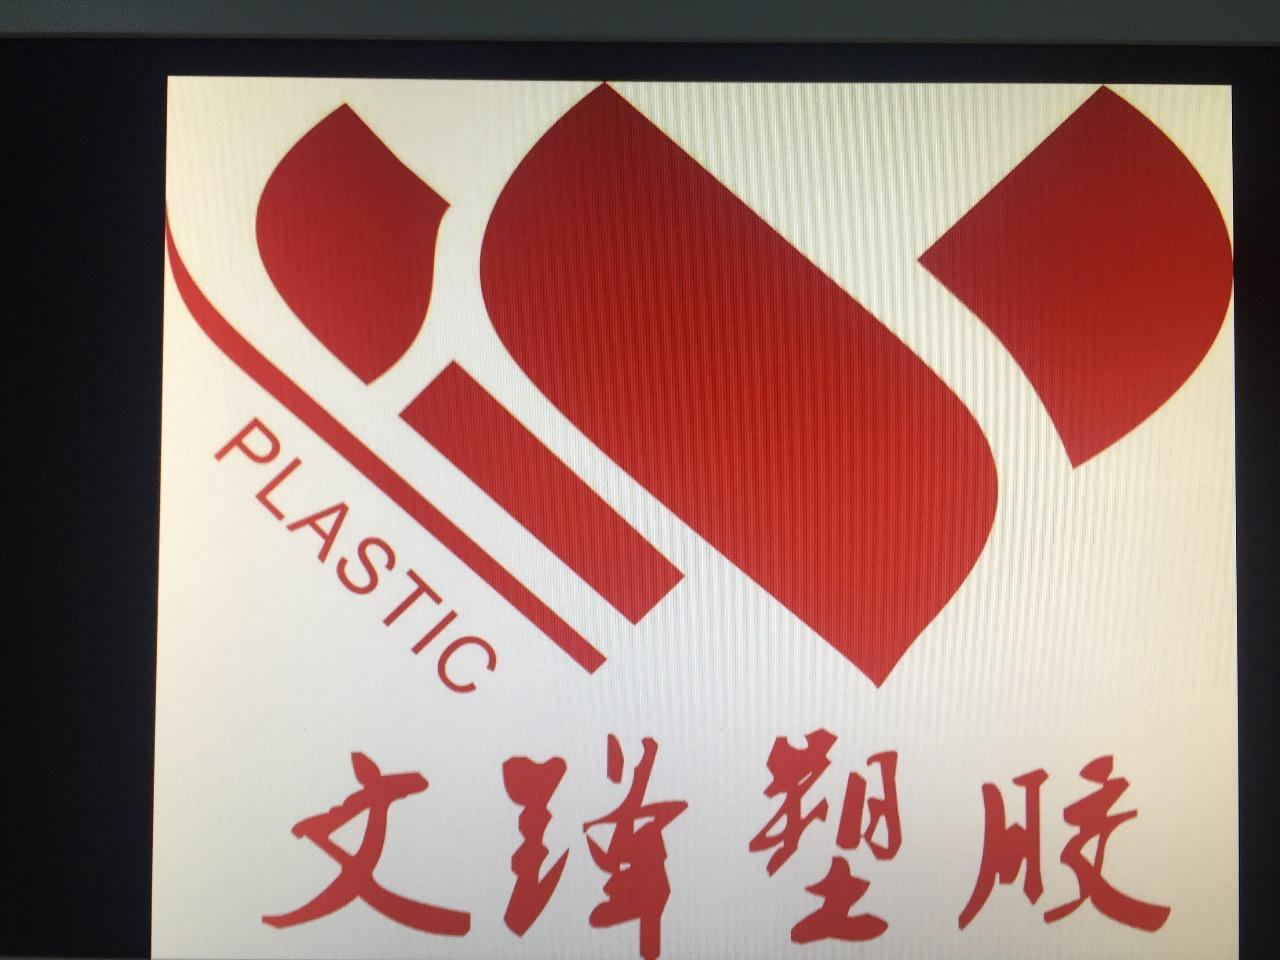 深圳市文锋塑胶制品有限公司 最新采购和商业信息